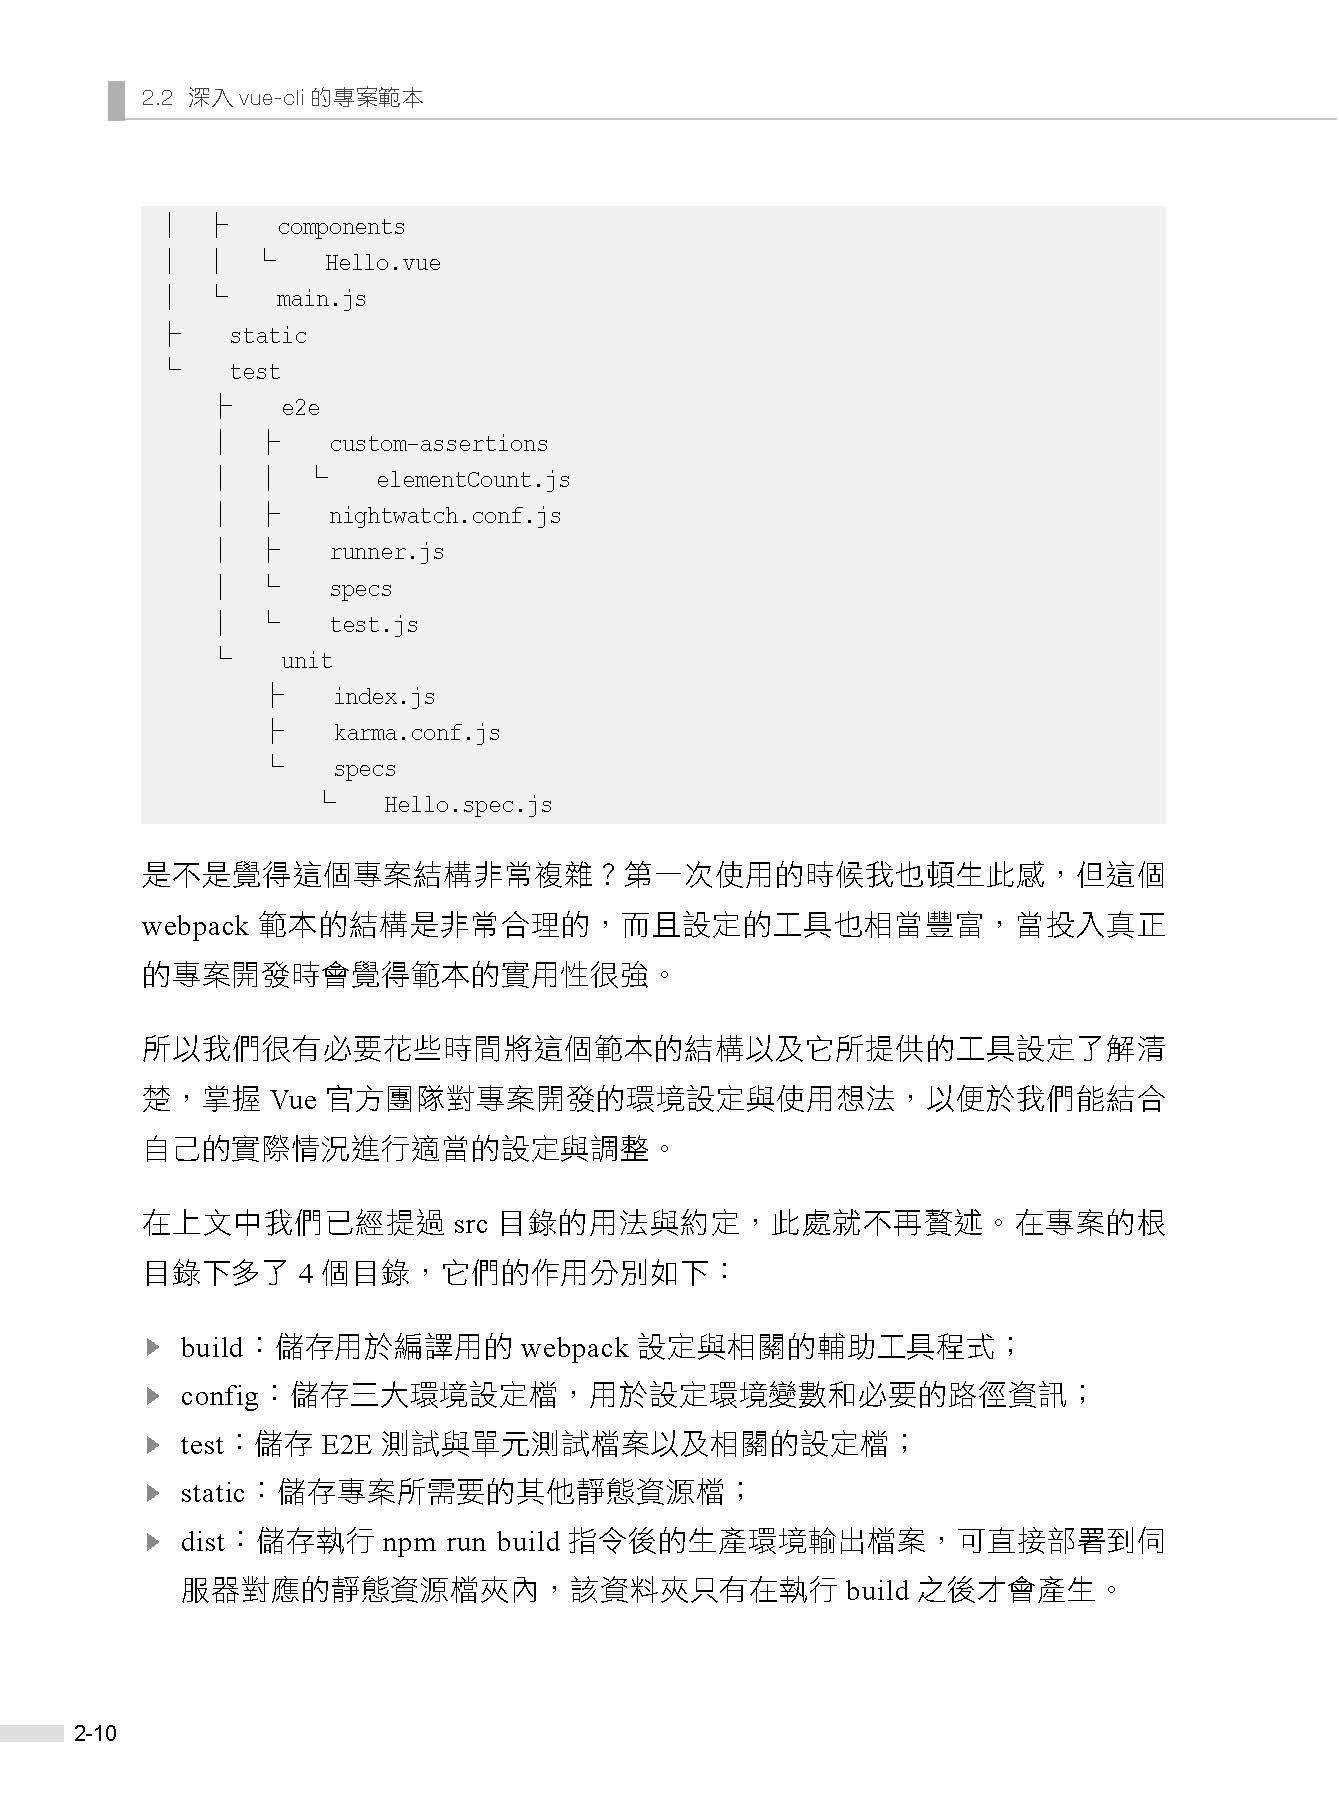 前端設計範式三大天王之 Vue.js-preview-9